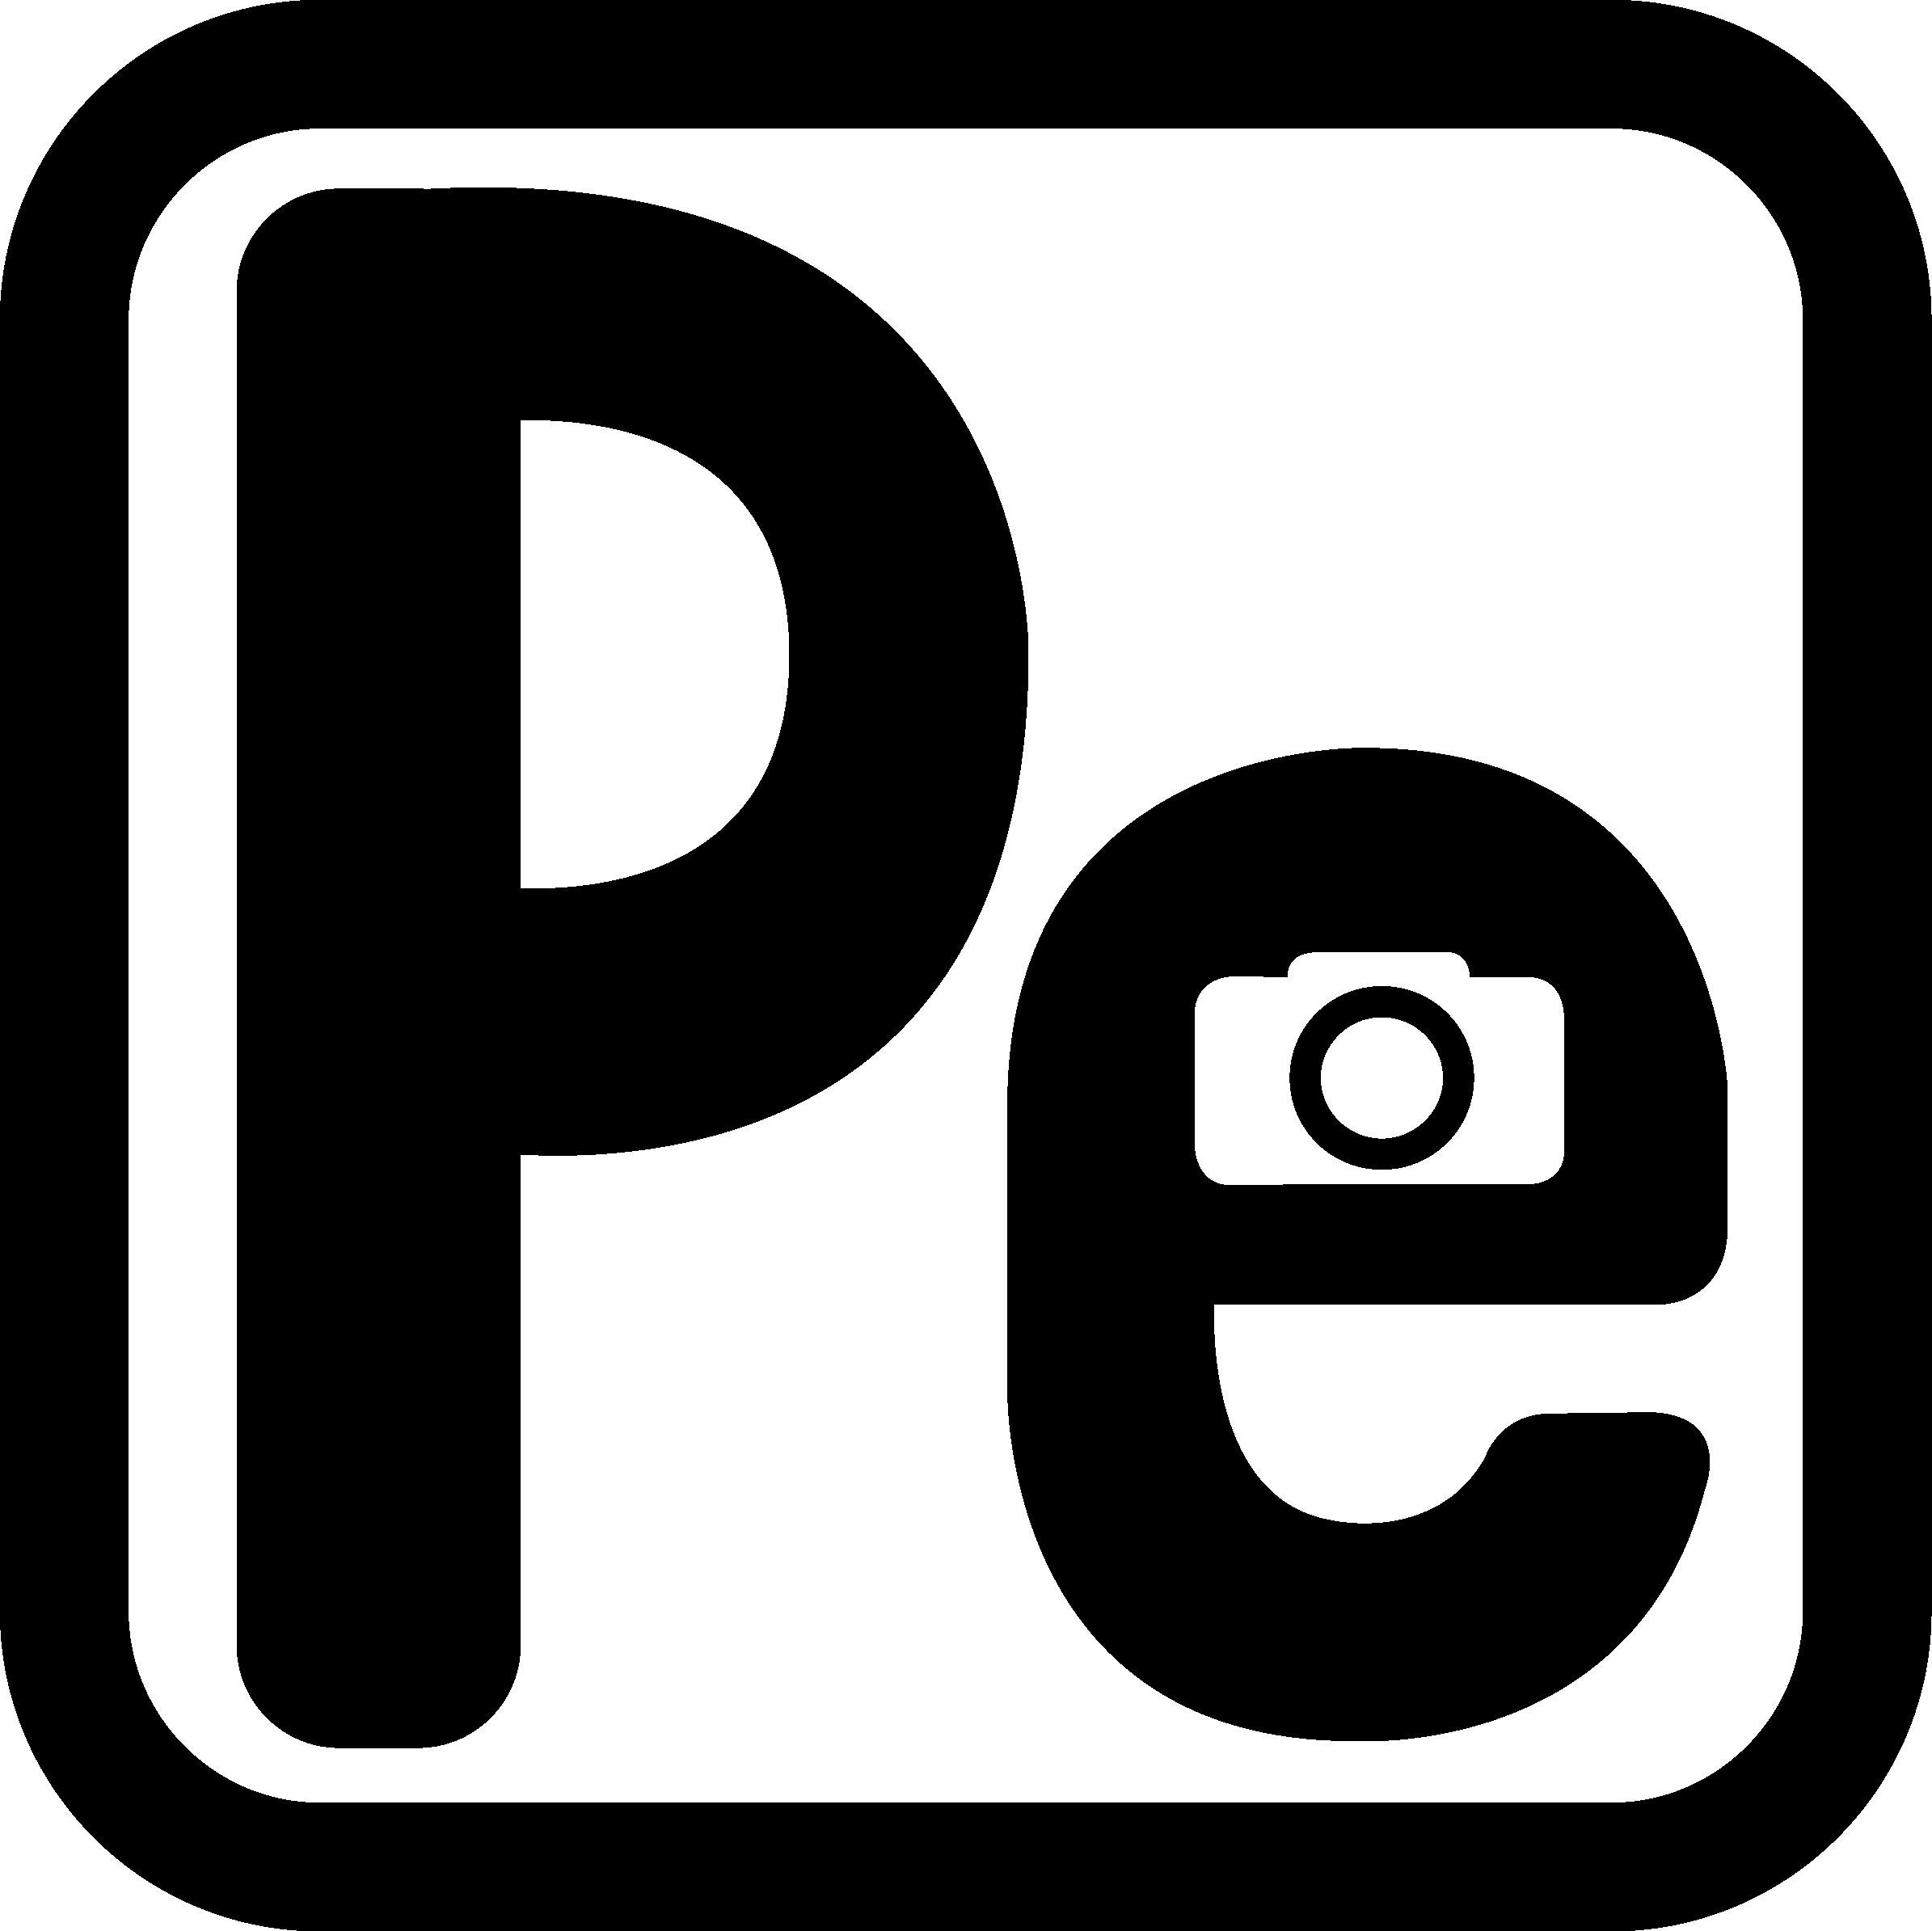 PELogo